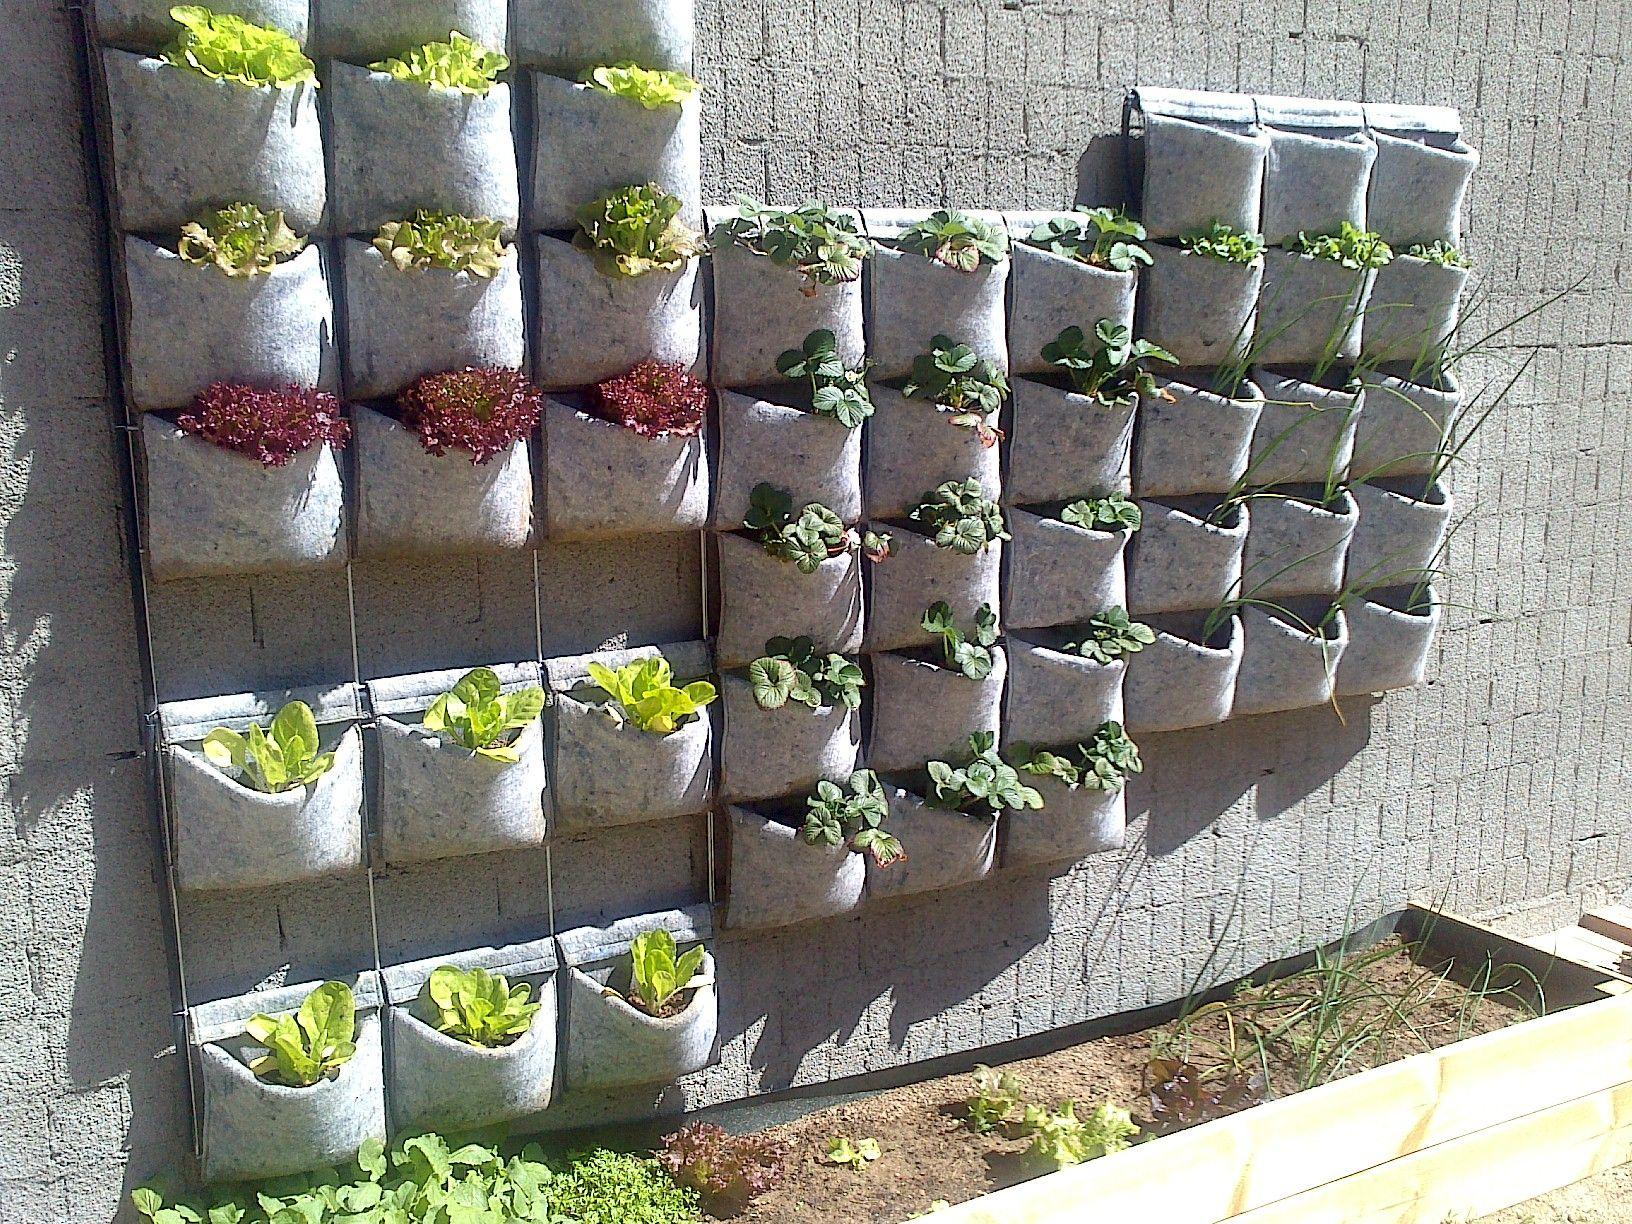 Huerto vertical vertiflor con bolsas de fieltro reciclado for Jardin vertical reciclado